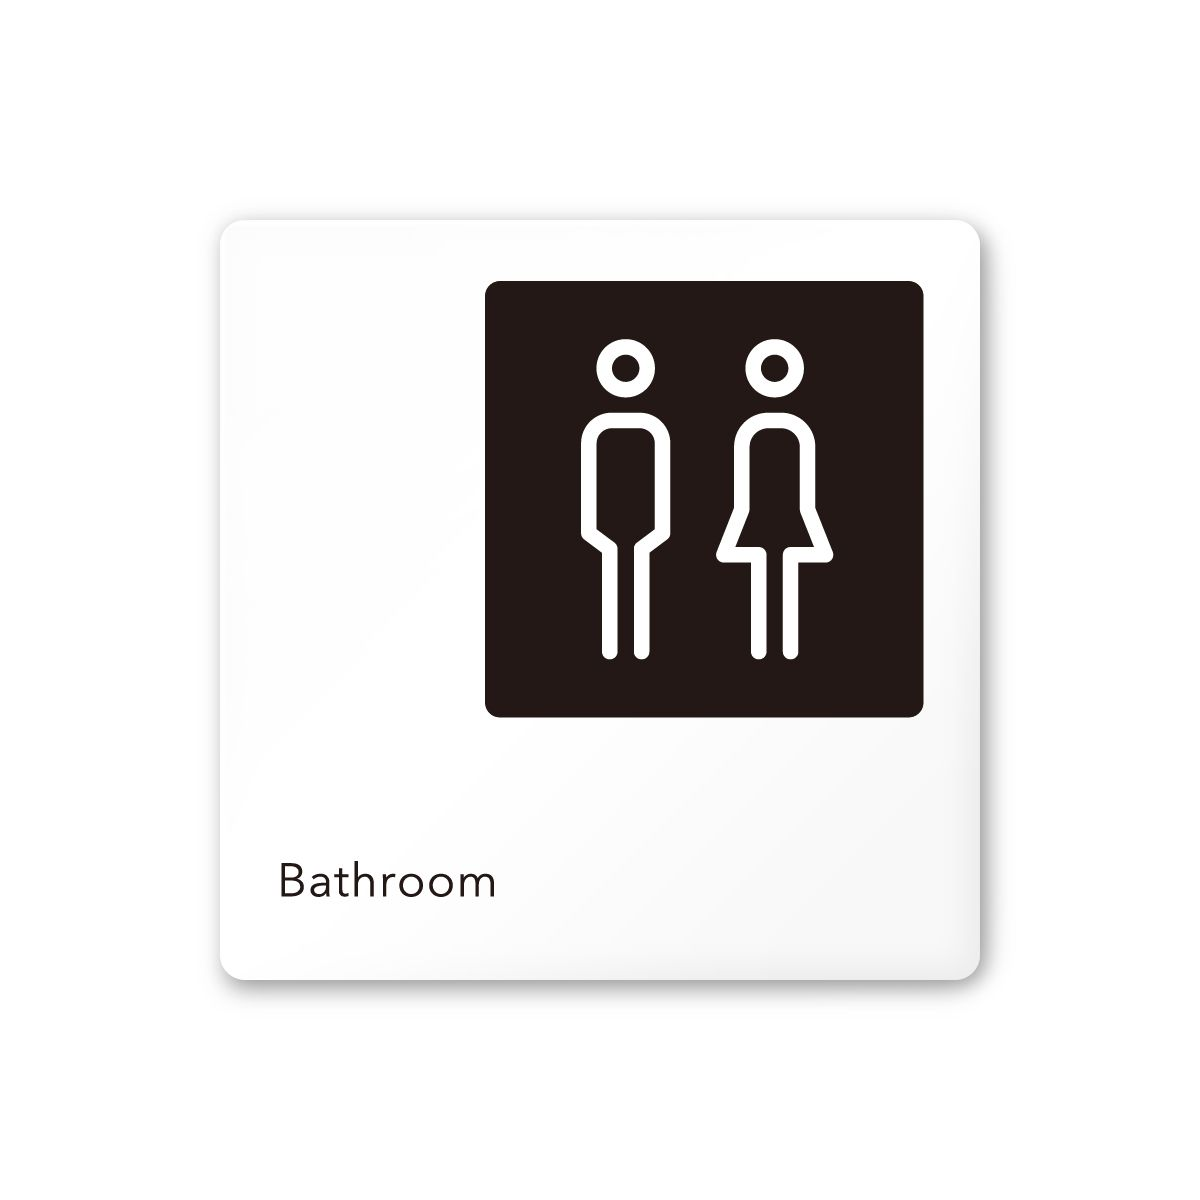 トイレピクトサイン 標識のデザイン トイレ サイン ピクトサイン